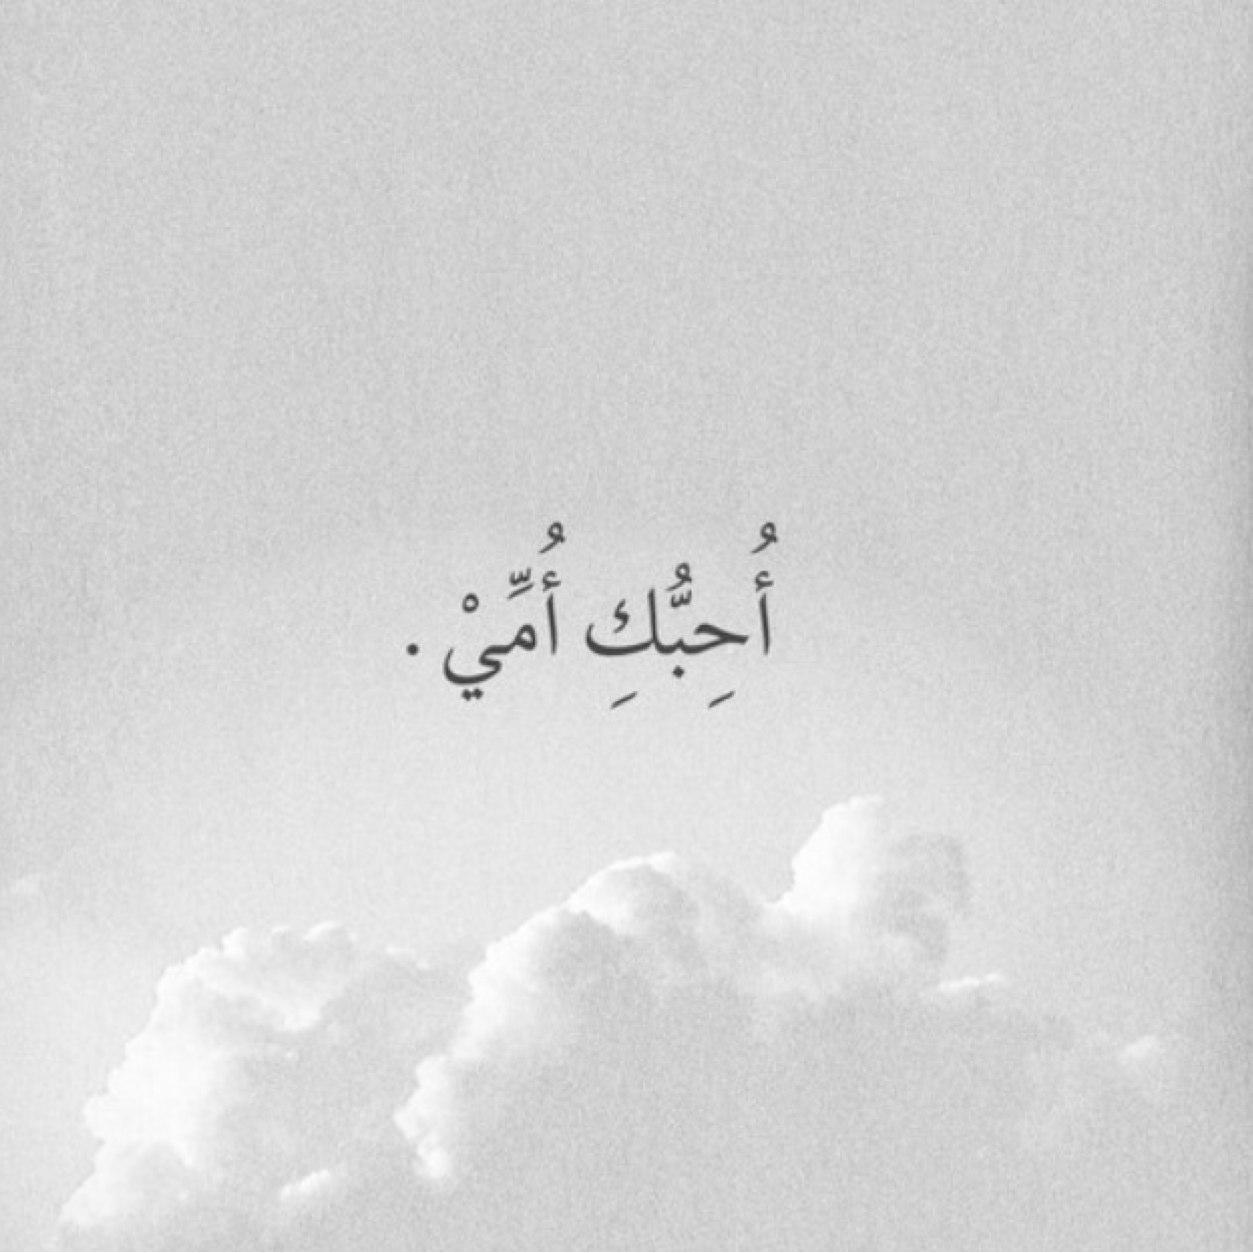 أم ي يا جنة الدنيا A7bkomi Twitter